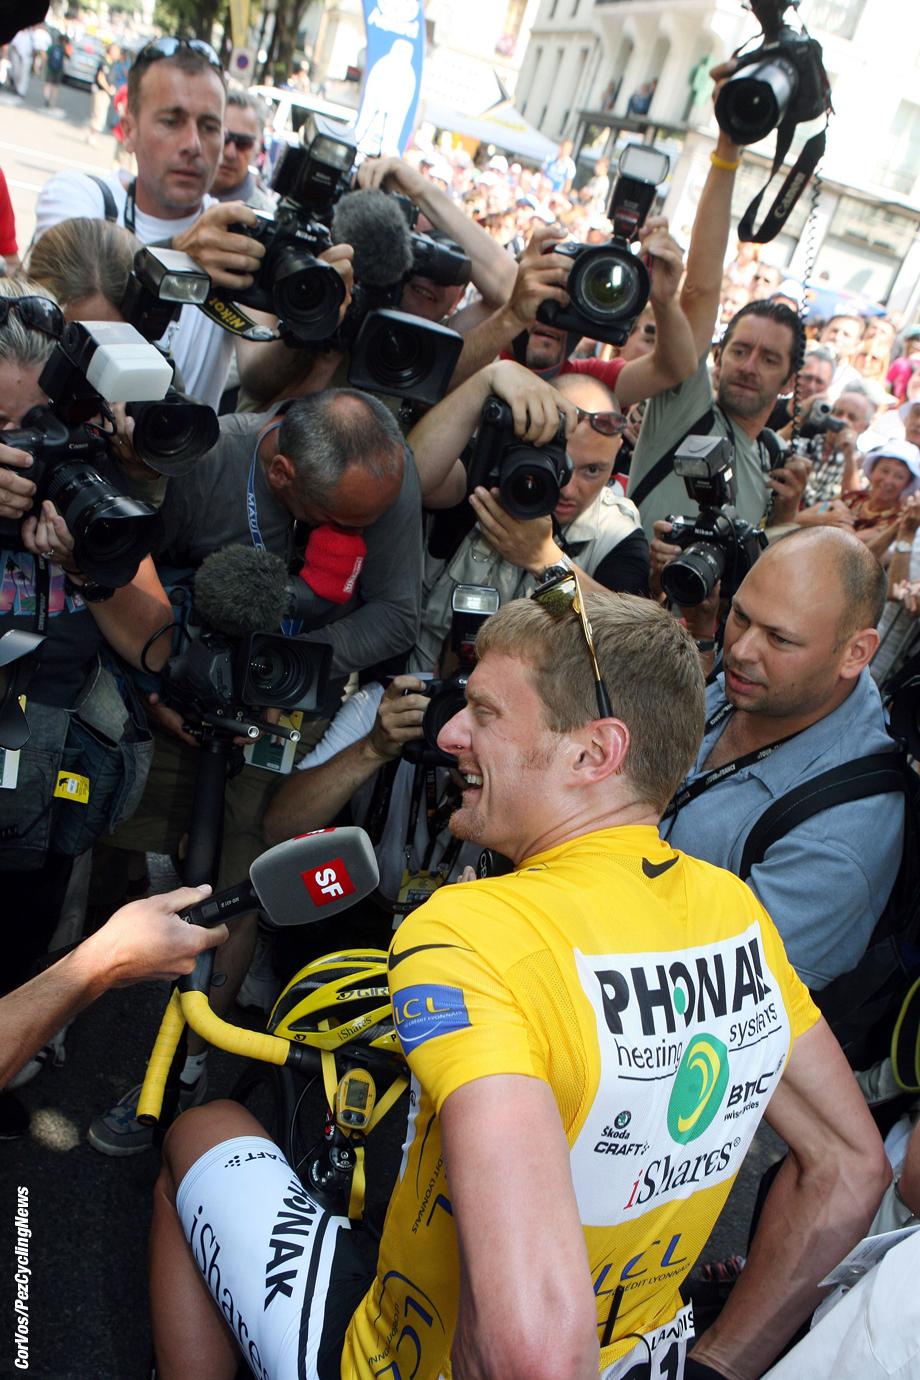 Carcassone- Frankrijk - wielrennen - cycling - cyclisme - Tour de France - 12e etappe Luchon-Carcassone - Floyd Landis (Phonak) - foto Wessel van Keuk/Cor Vos ©2006